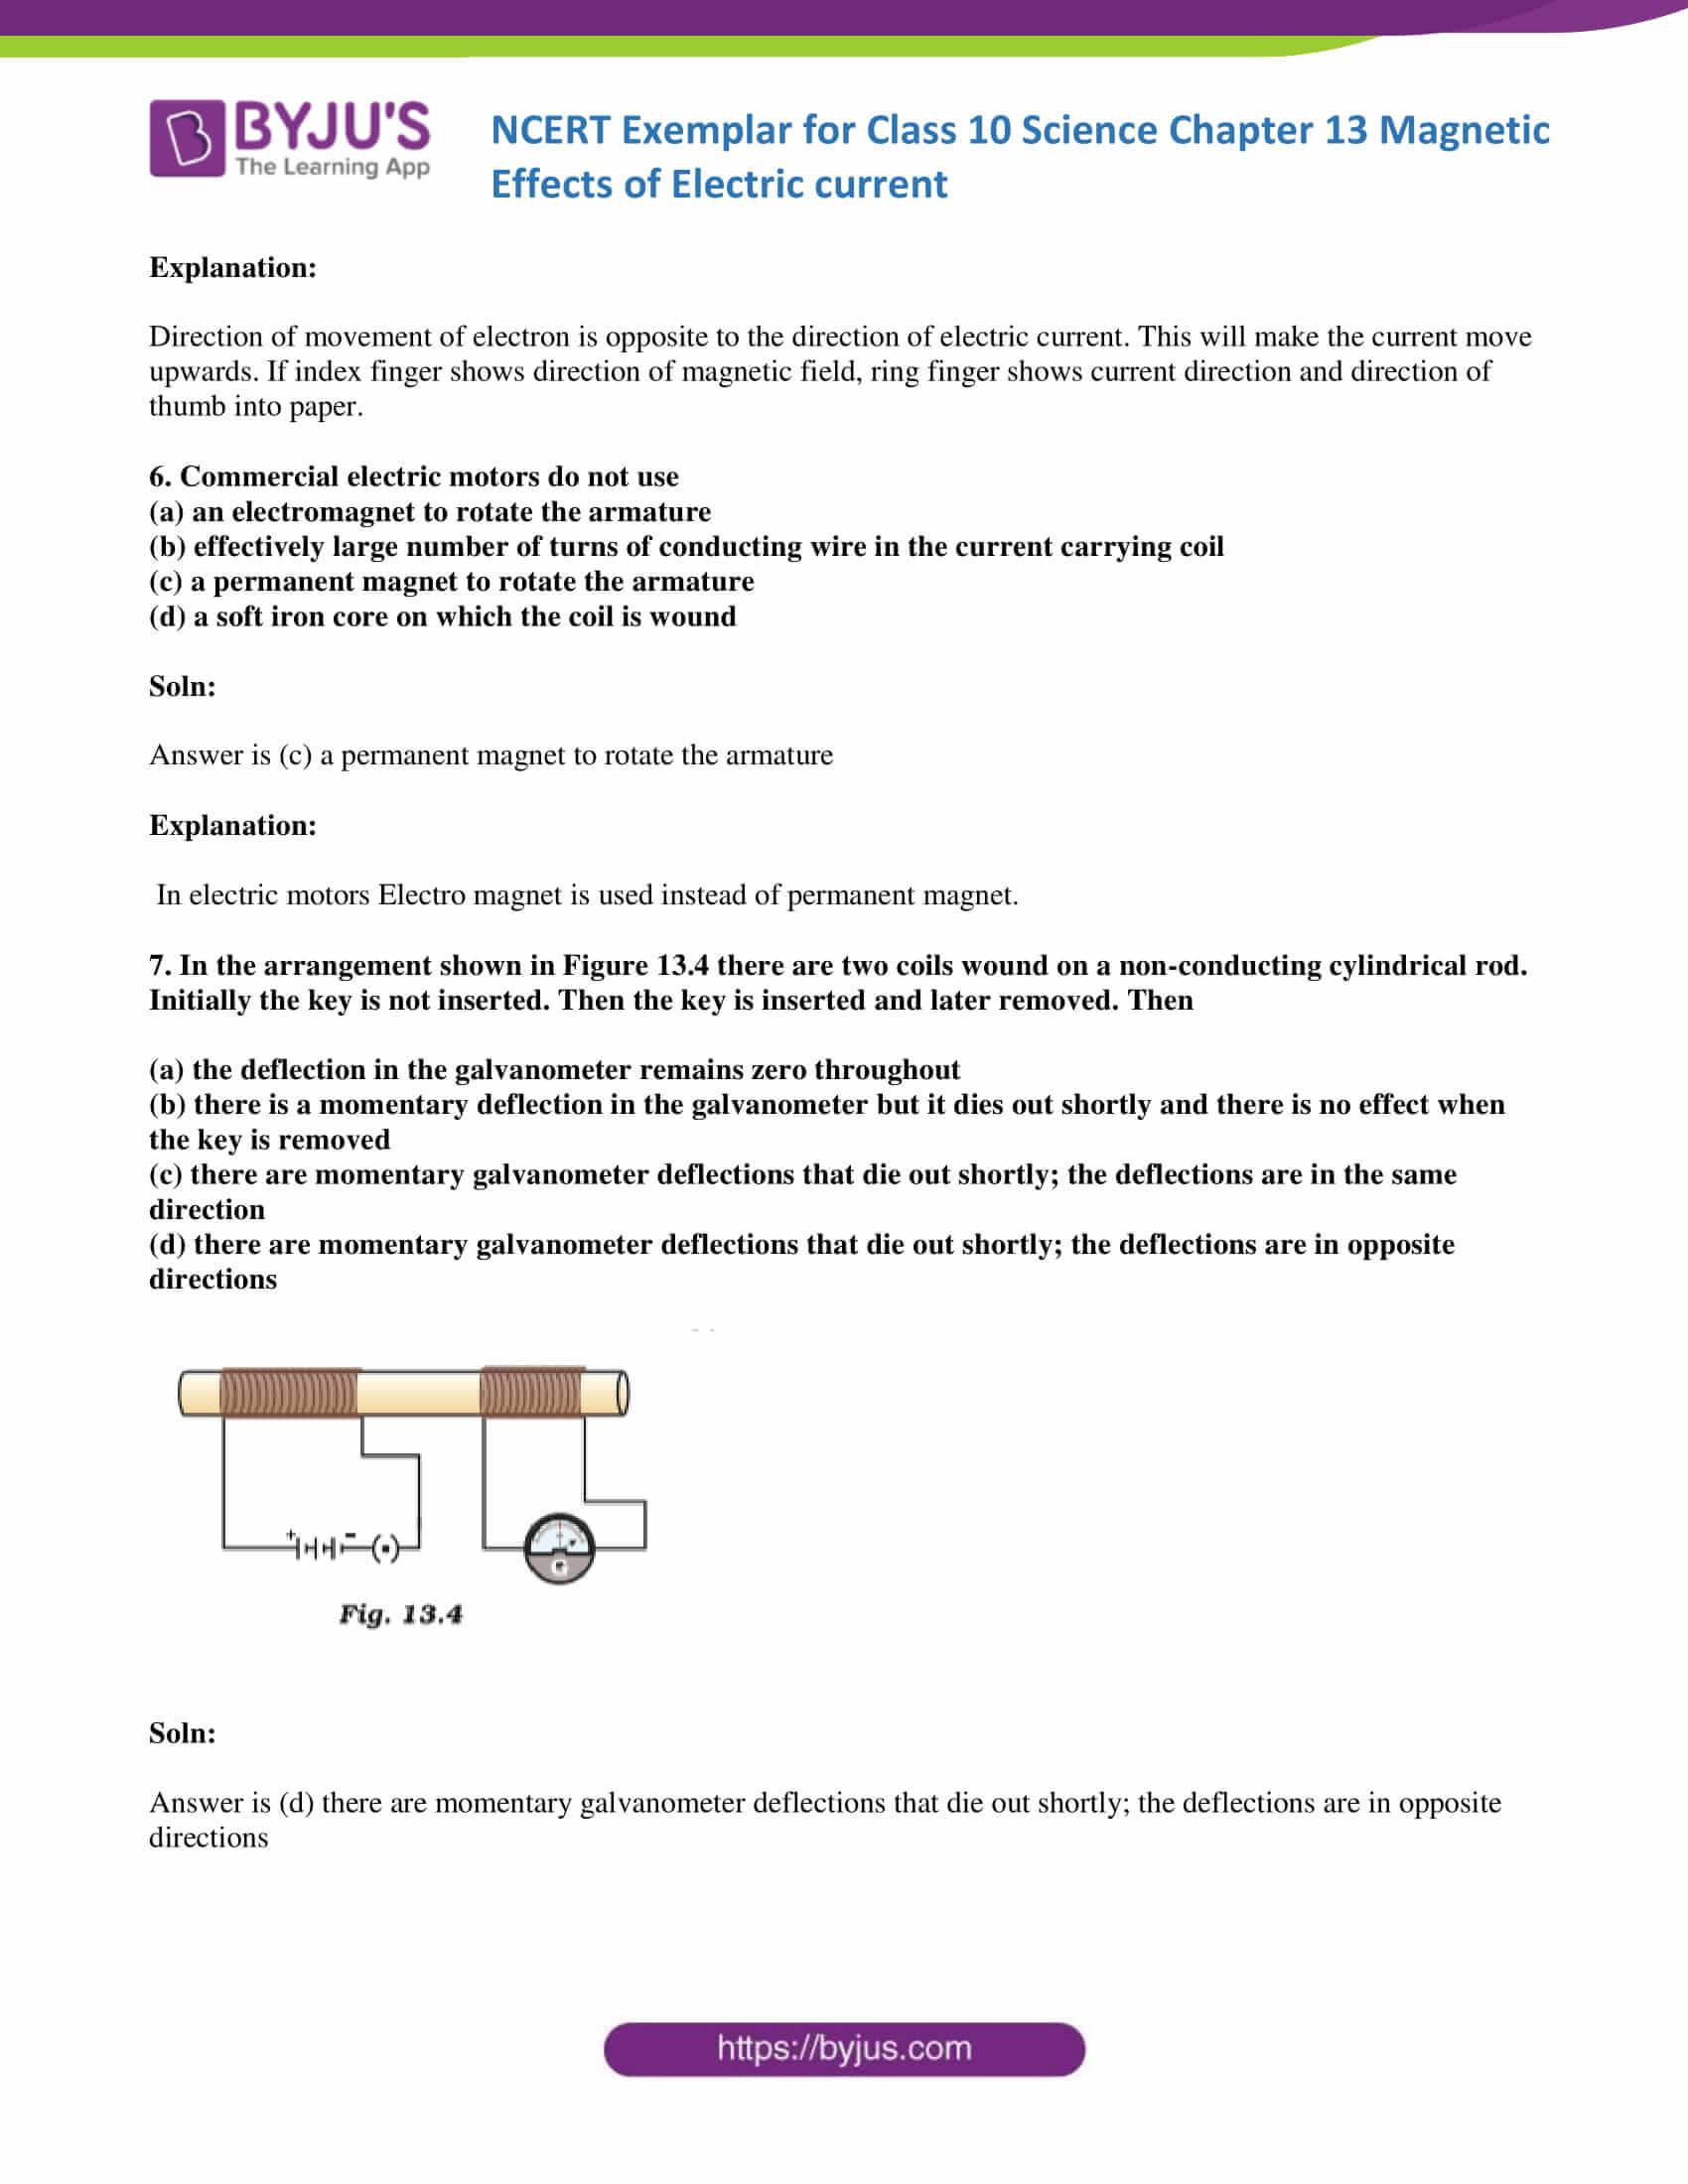 NCERT Exemplar solution class 10 Science Chapter 13 part 04